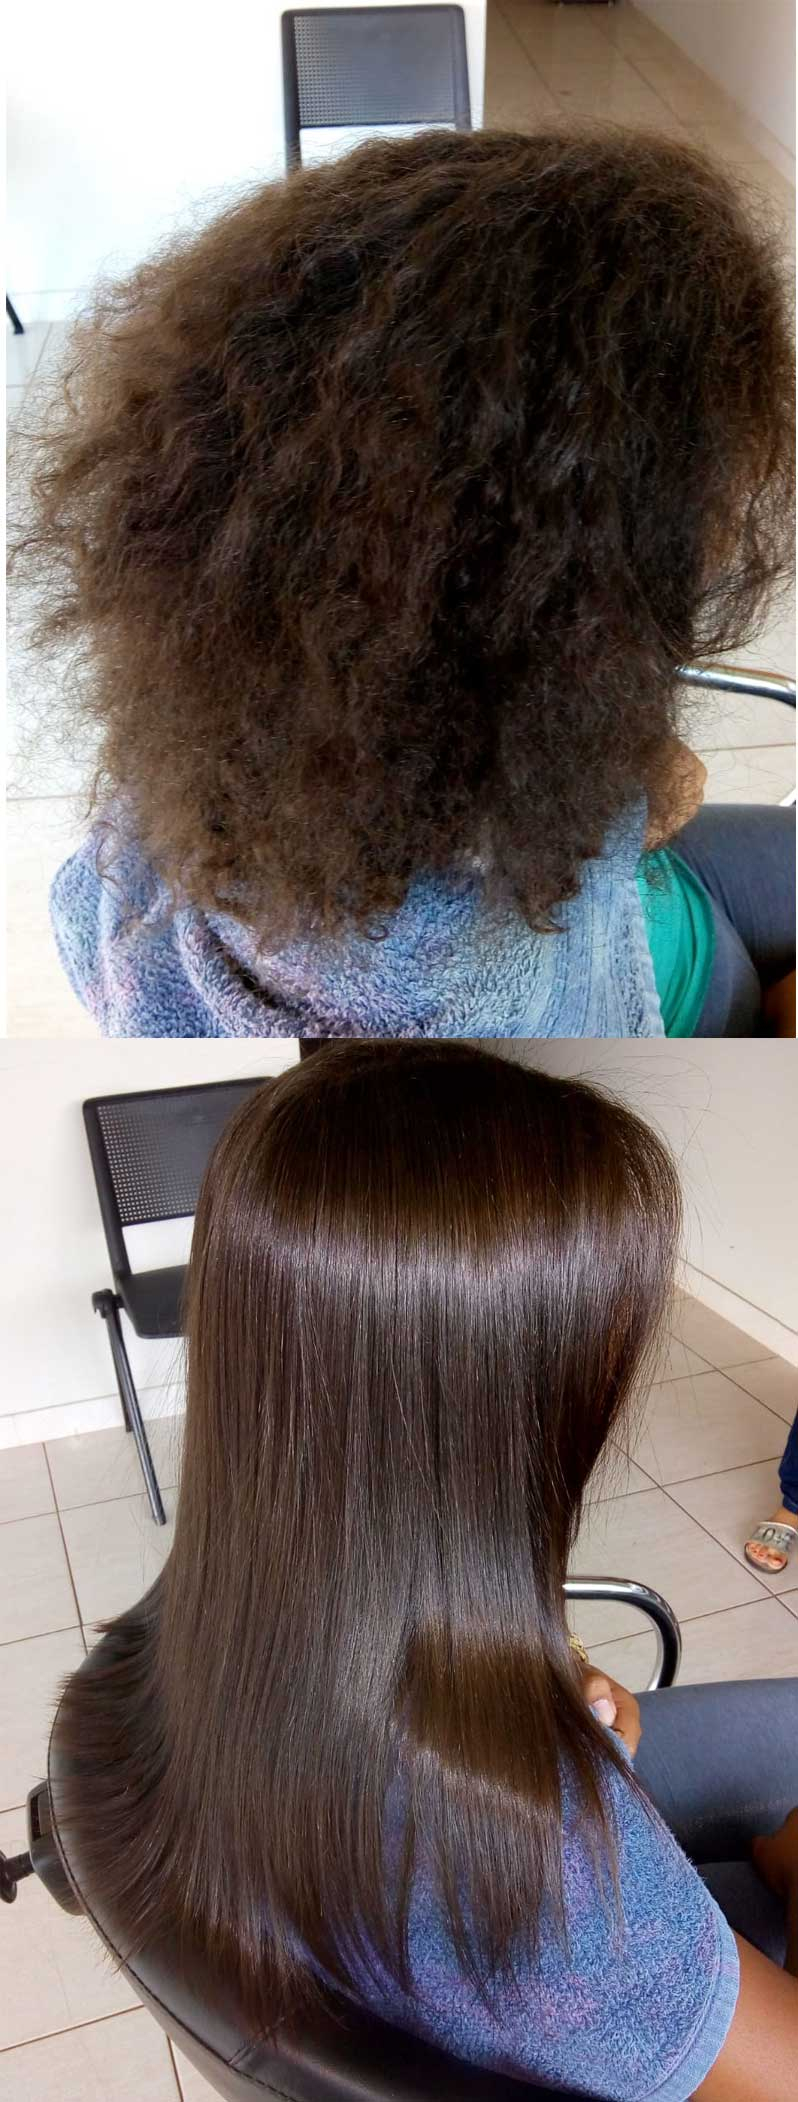 borabella antes e depois selagem